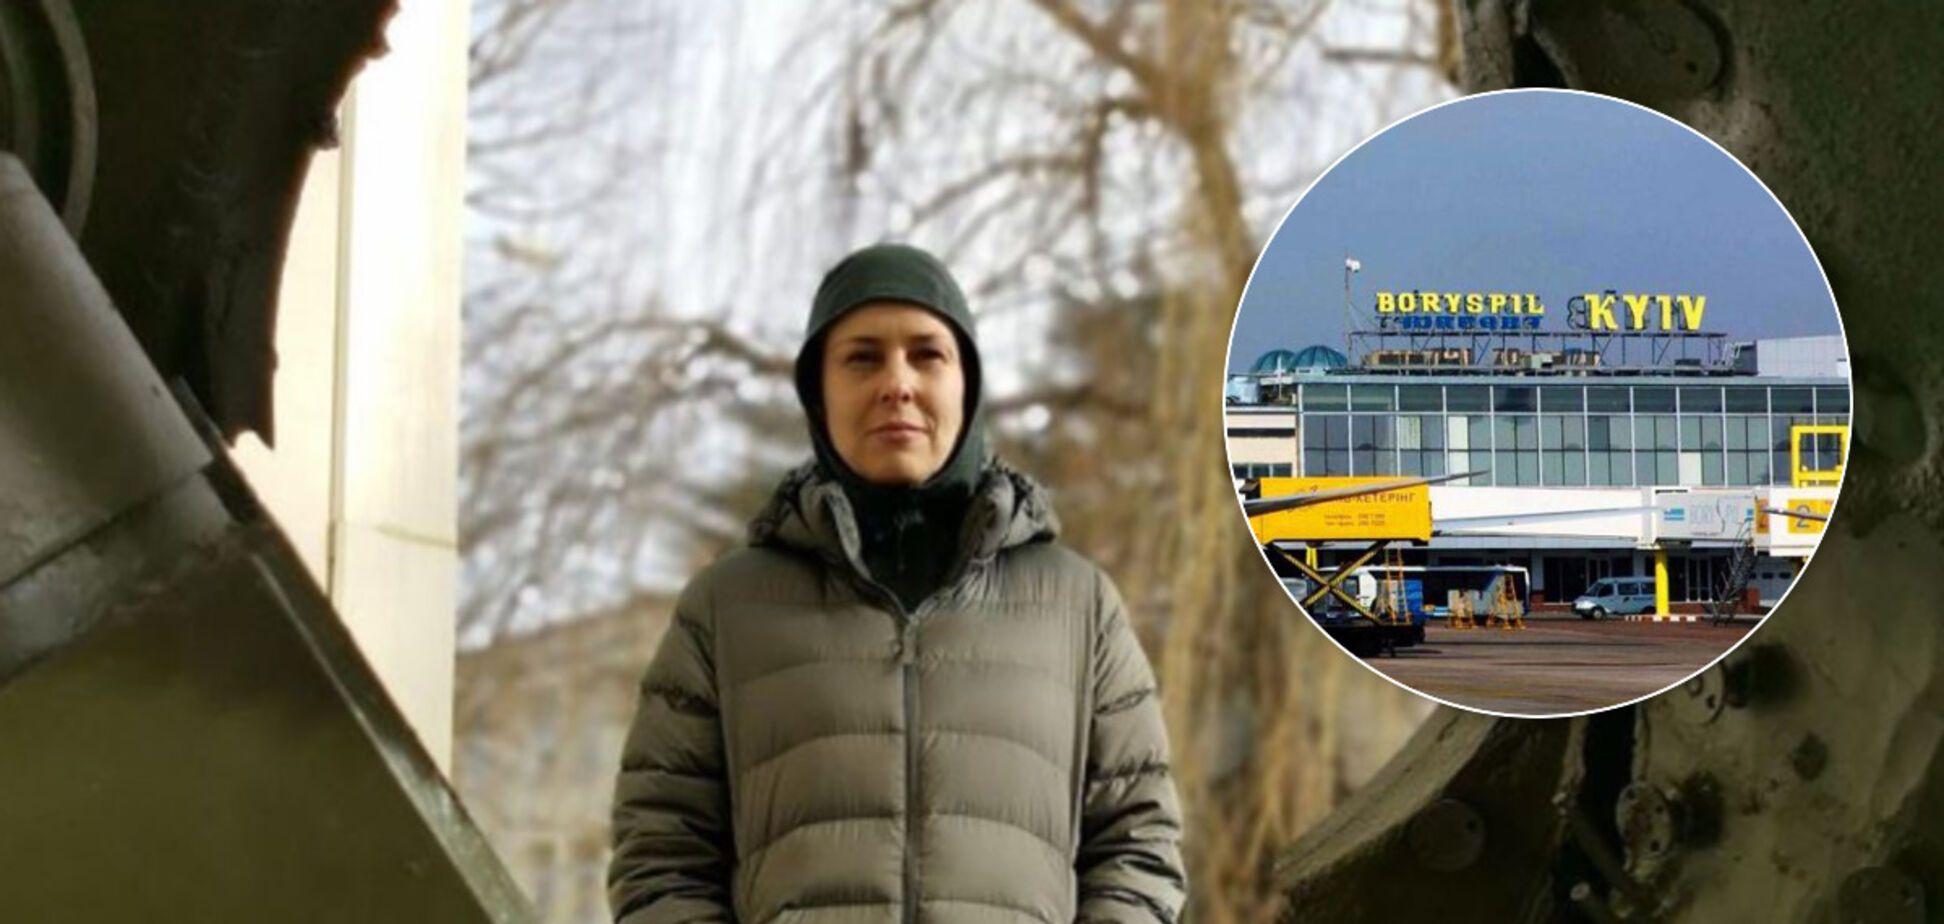 Чичеріна показала фото з Борисполя